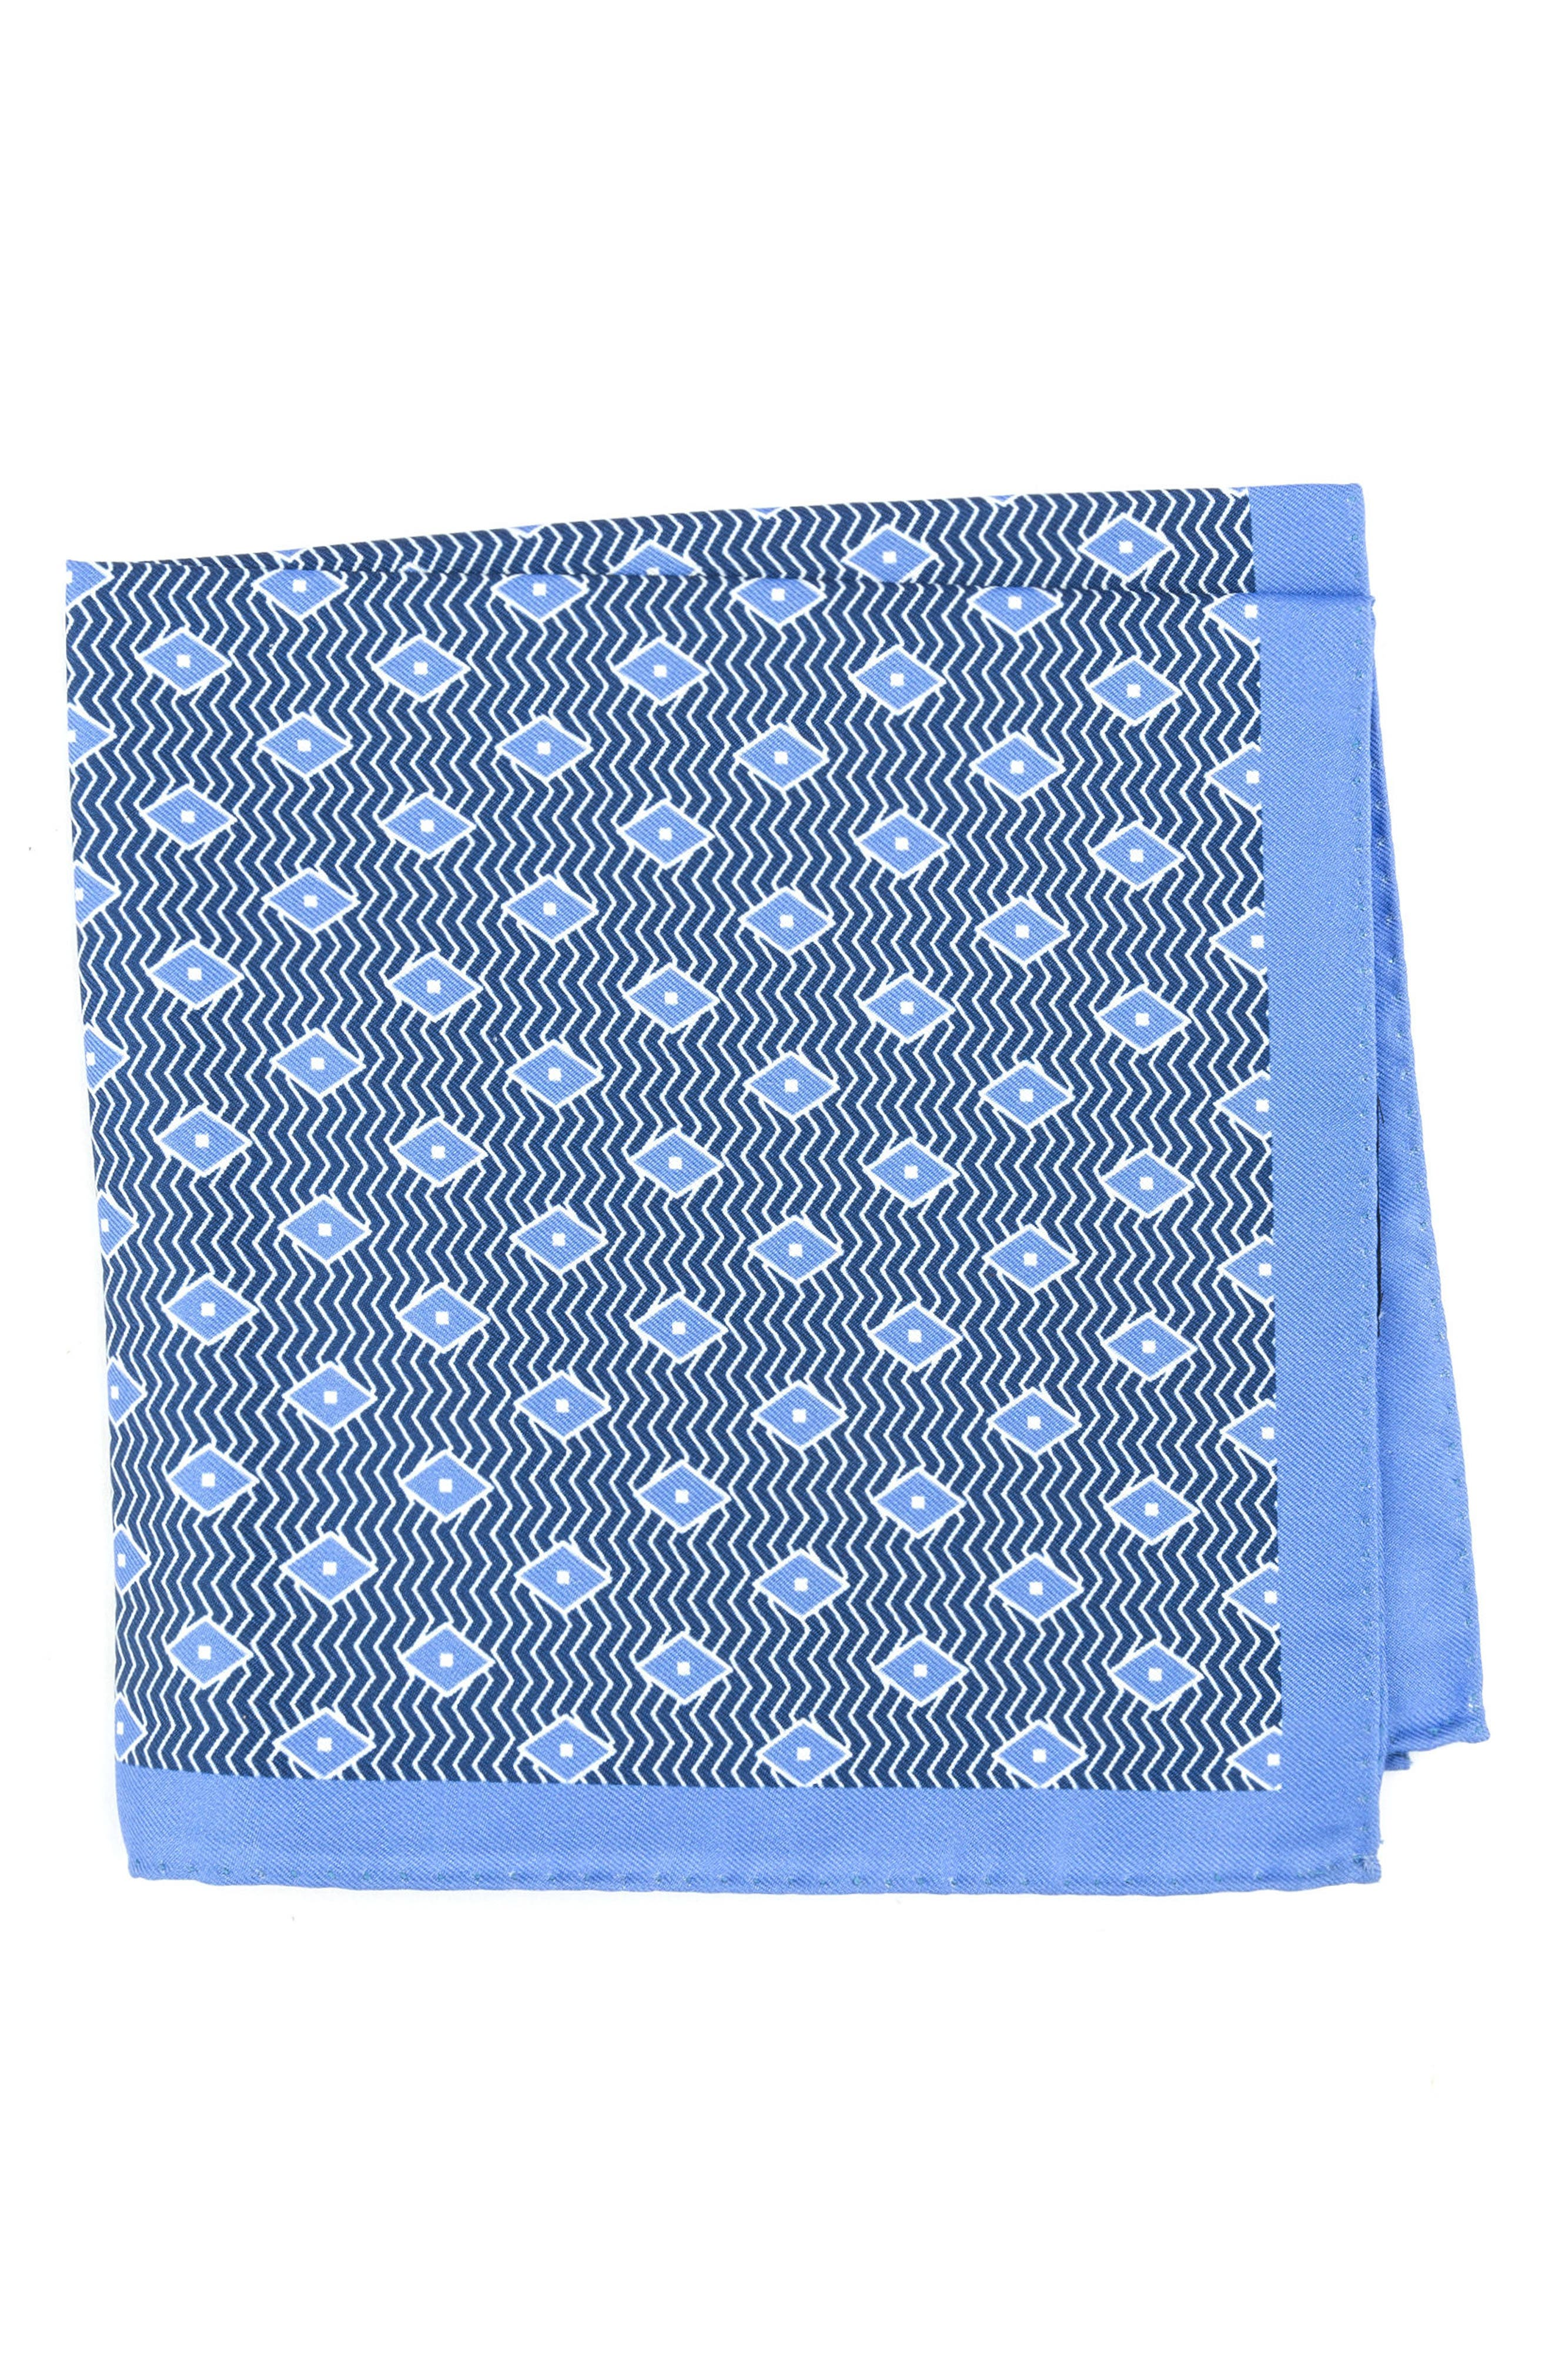 Diamond Silk Pocket Square,                             Main thumbnail 1, color,                             400